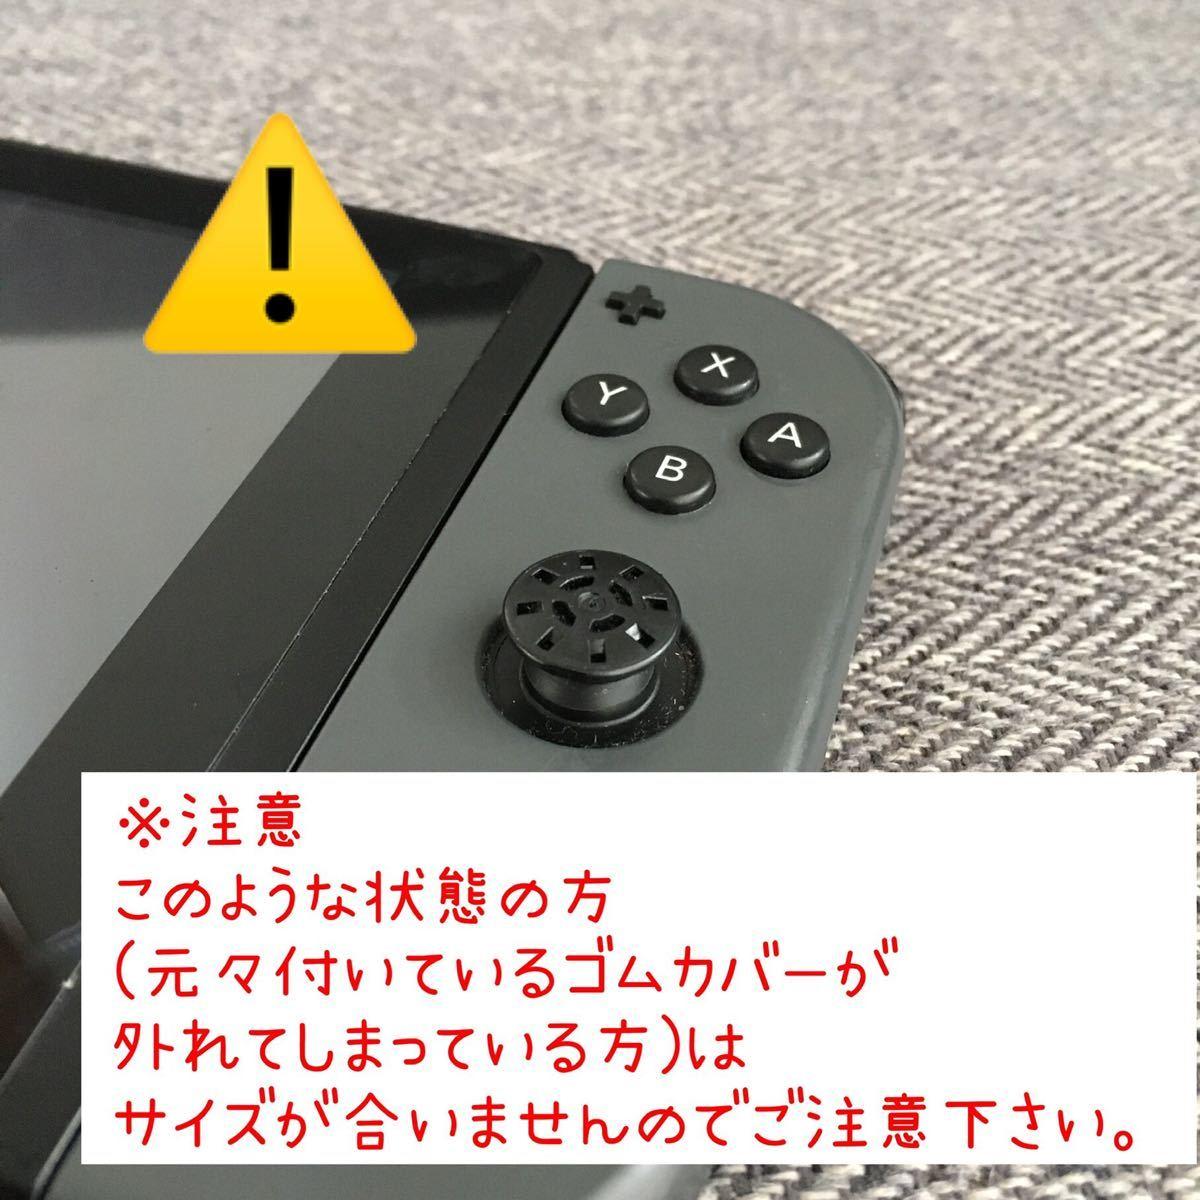 Nintendo Switch スイッチ ジョイコン スティックカバー 肉球【8個セット】ニンテンドー 任天堂 Lite